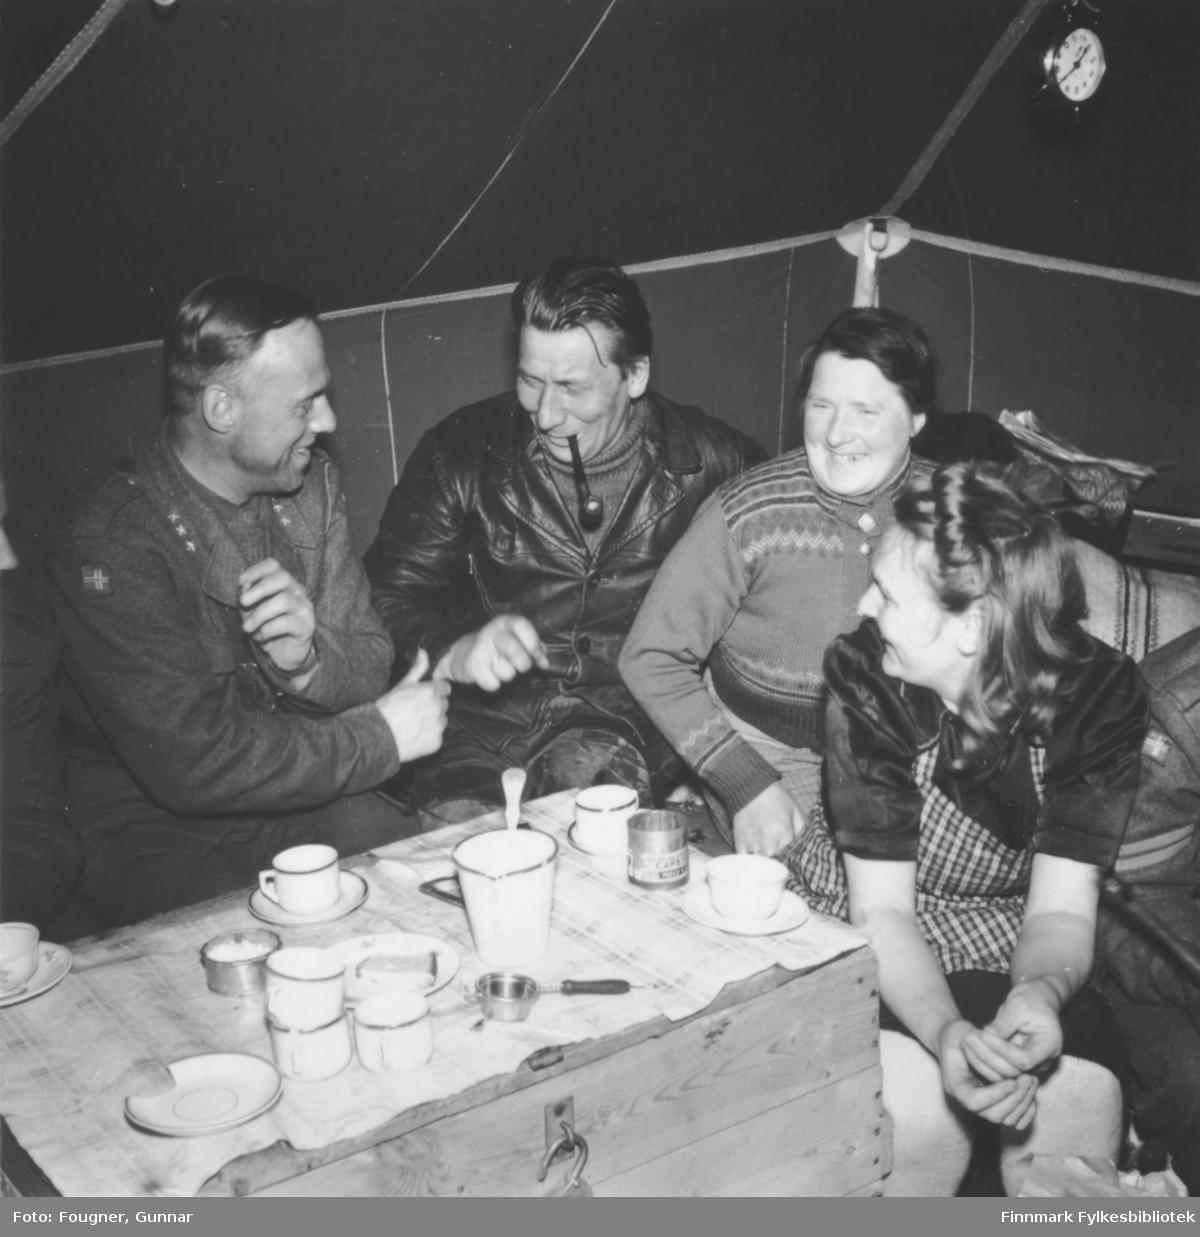 Sammenkomst i et militærtelt. En militær mann i uniform, en sivil mann i skinnjakke og med pipe og to sivile kvinner. De sitter rundt et bord laget av en trekasse. Det er dekket med duk og kaffekopper.